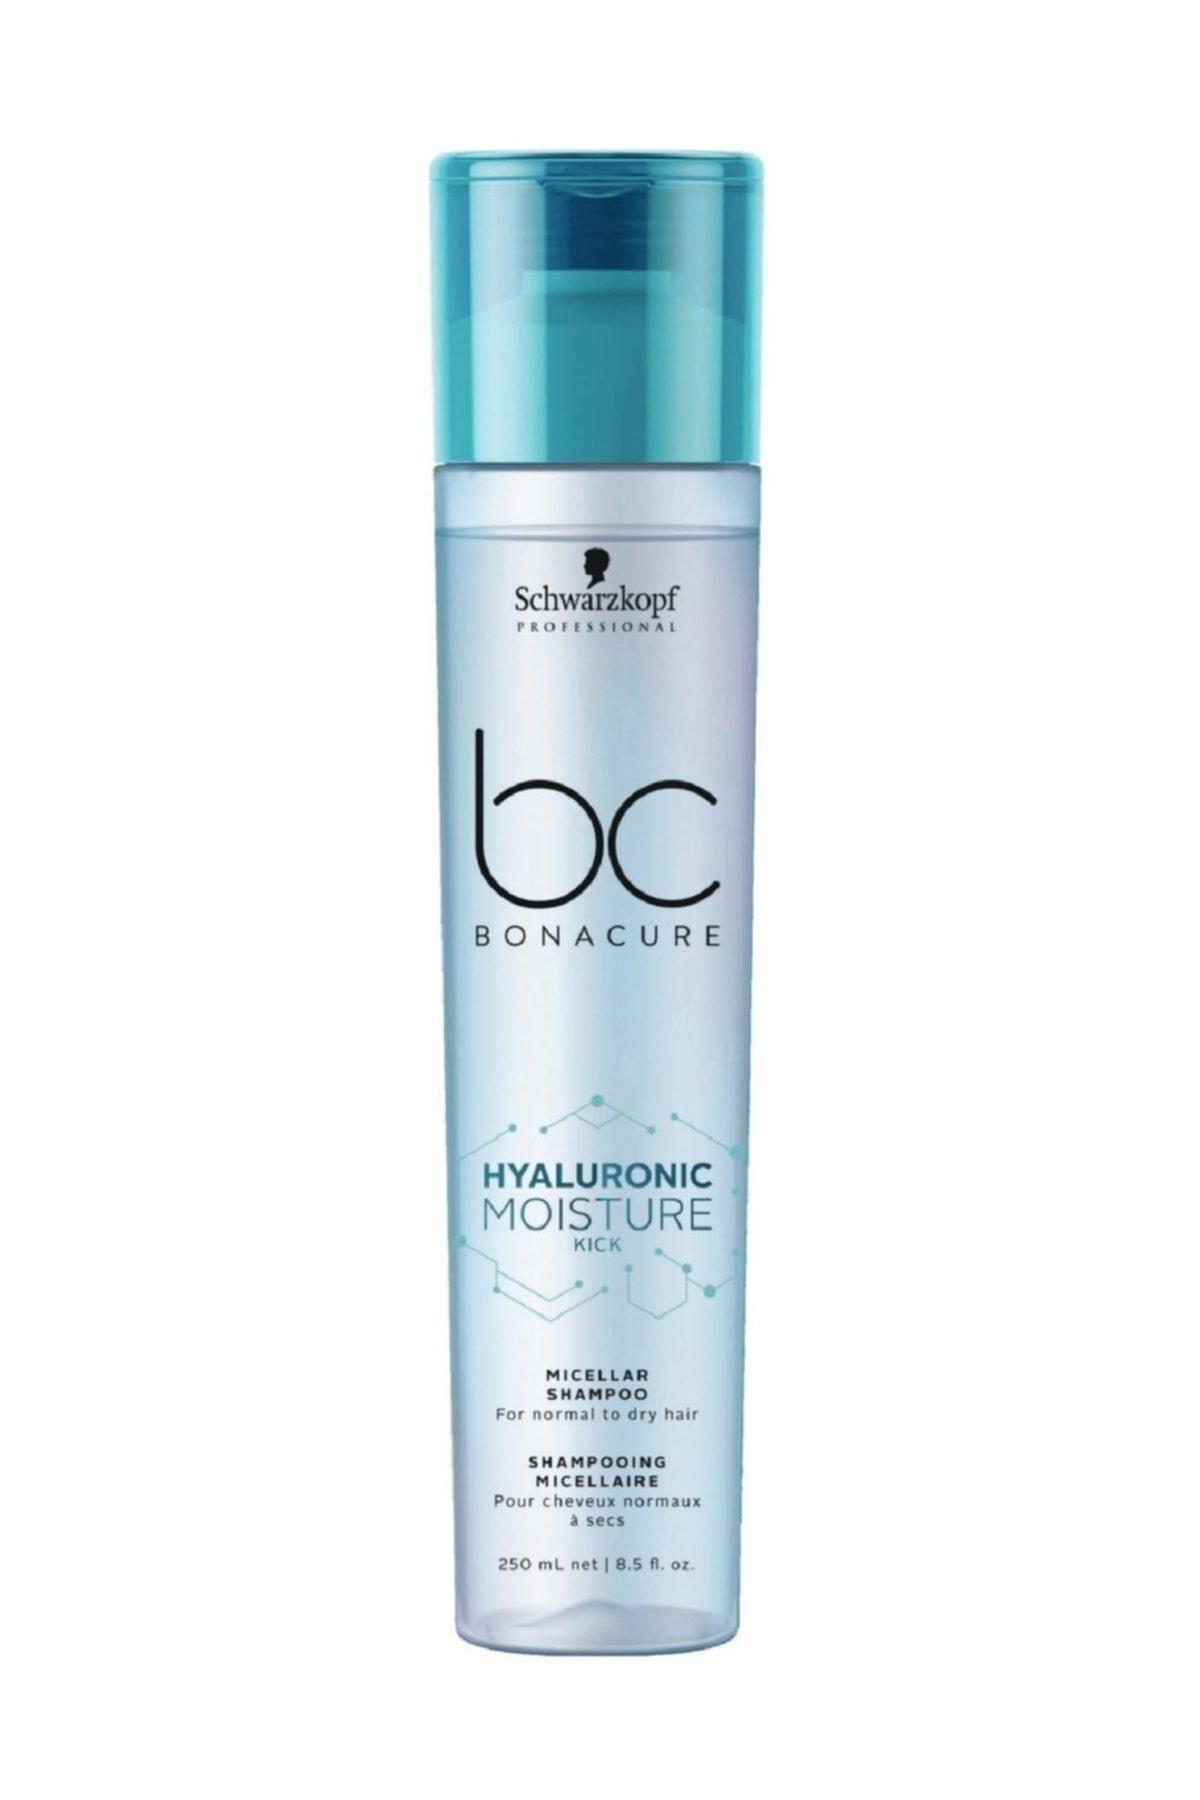 Bonacure Kuru Saçlar Için Nemlendirici Şampuan Hyaluronic 250 ml 4045787429152 1